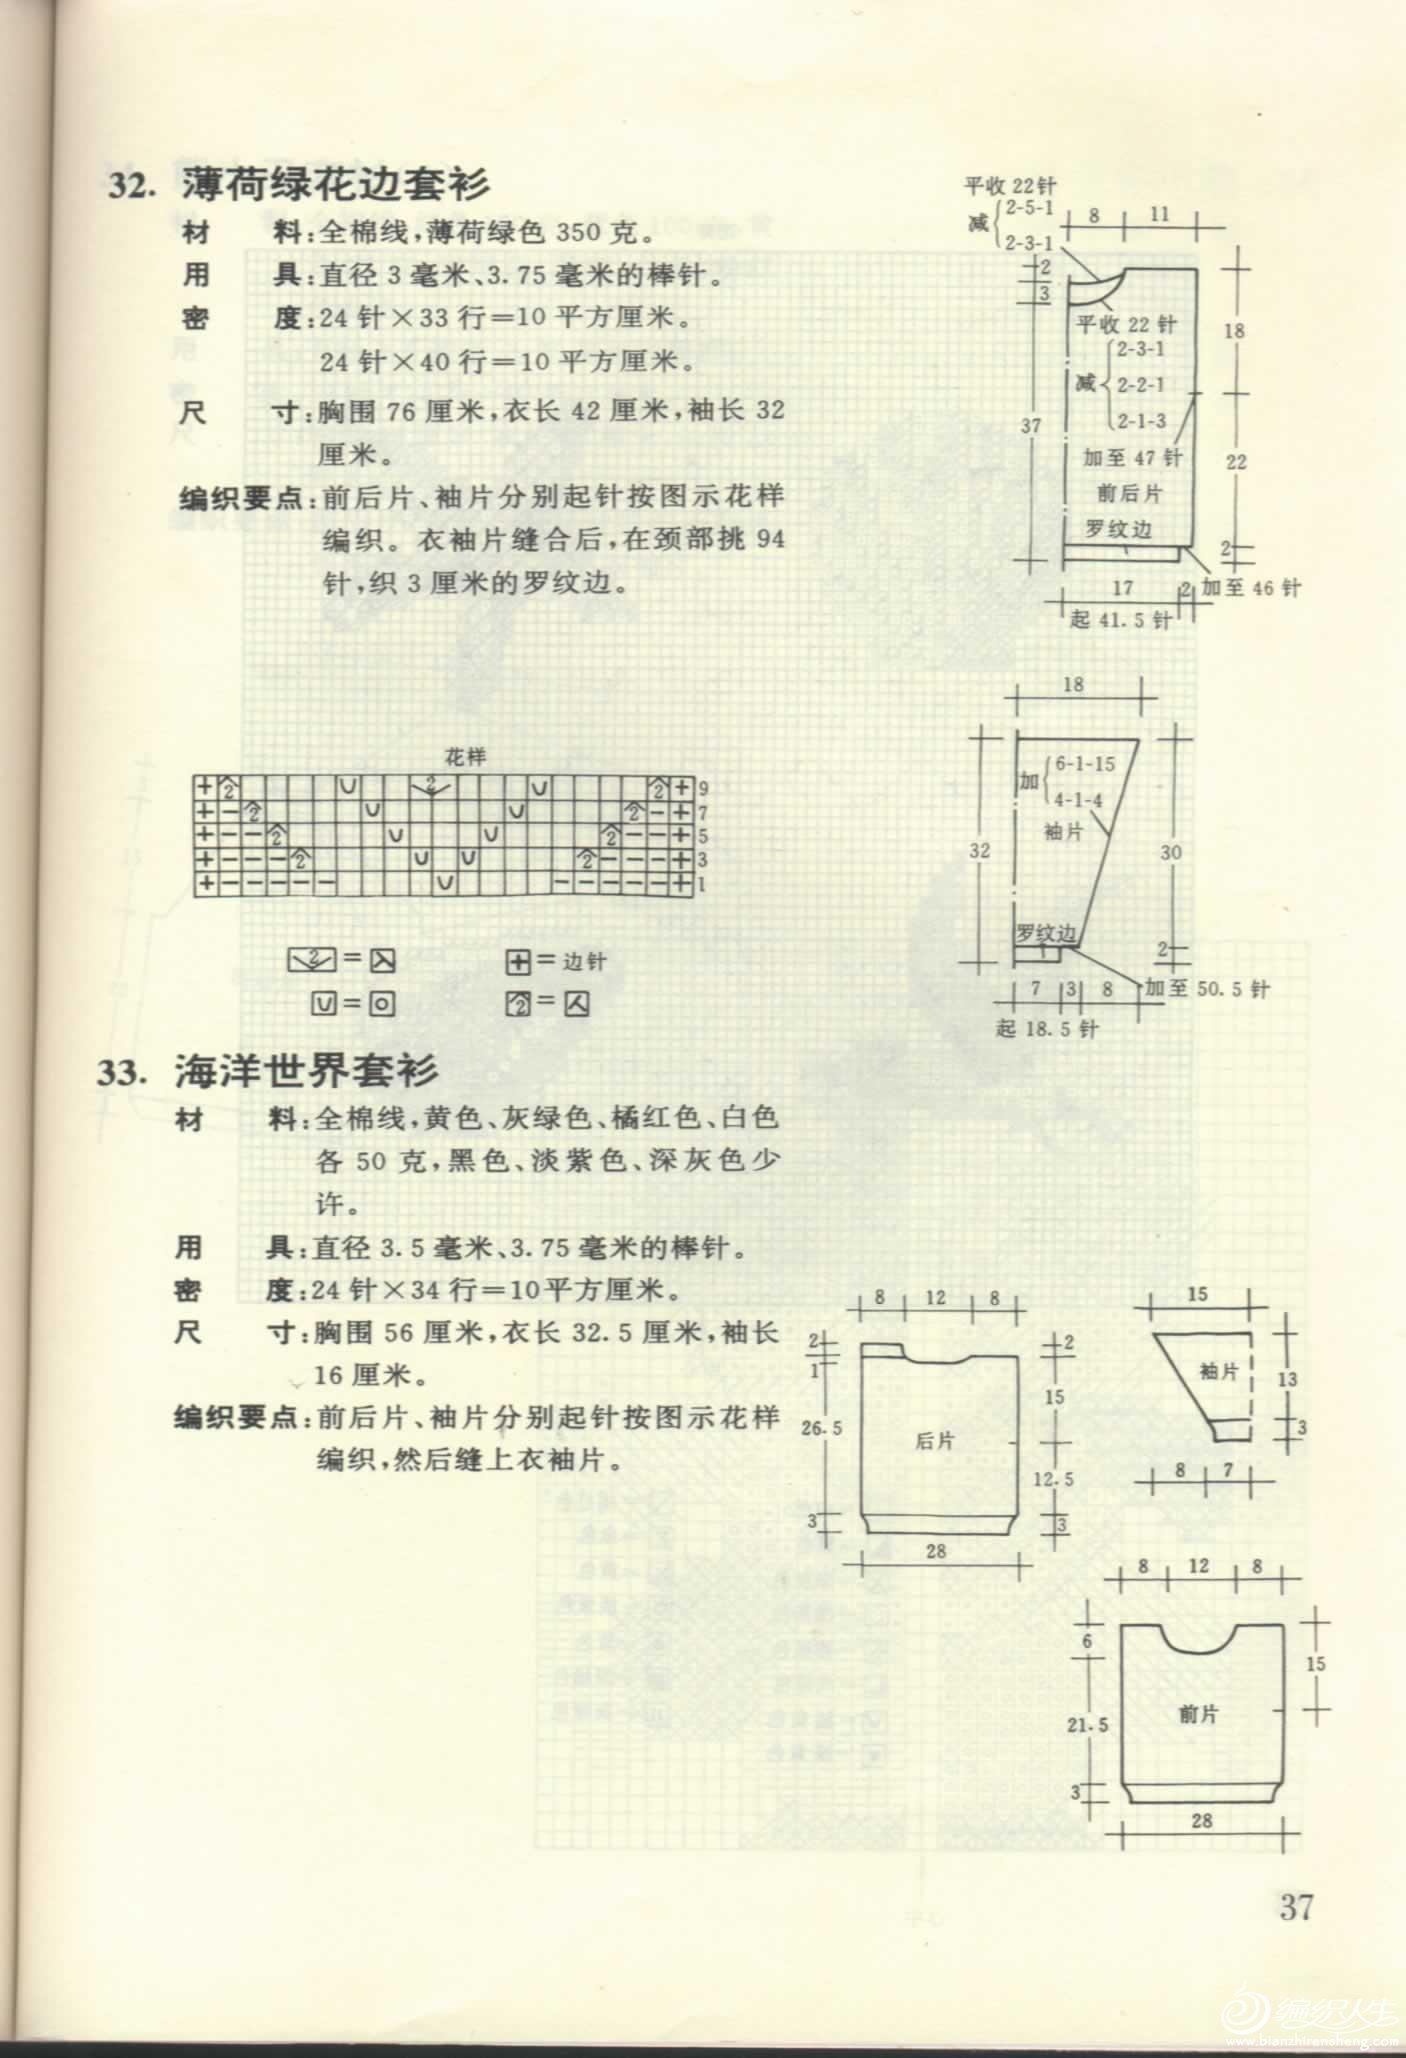 33_19115.jpg